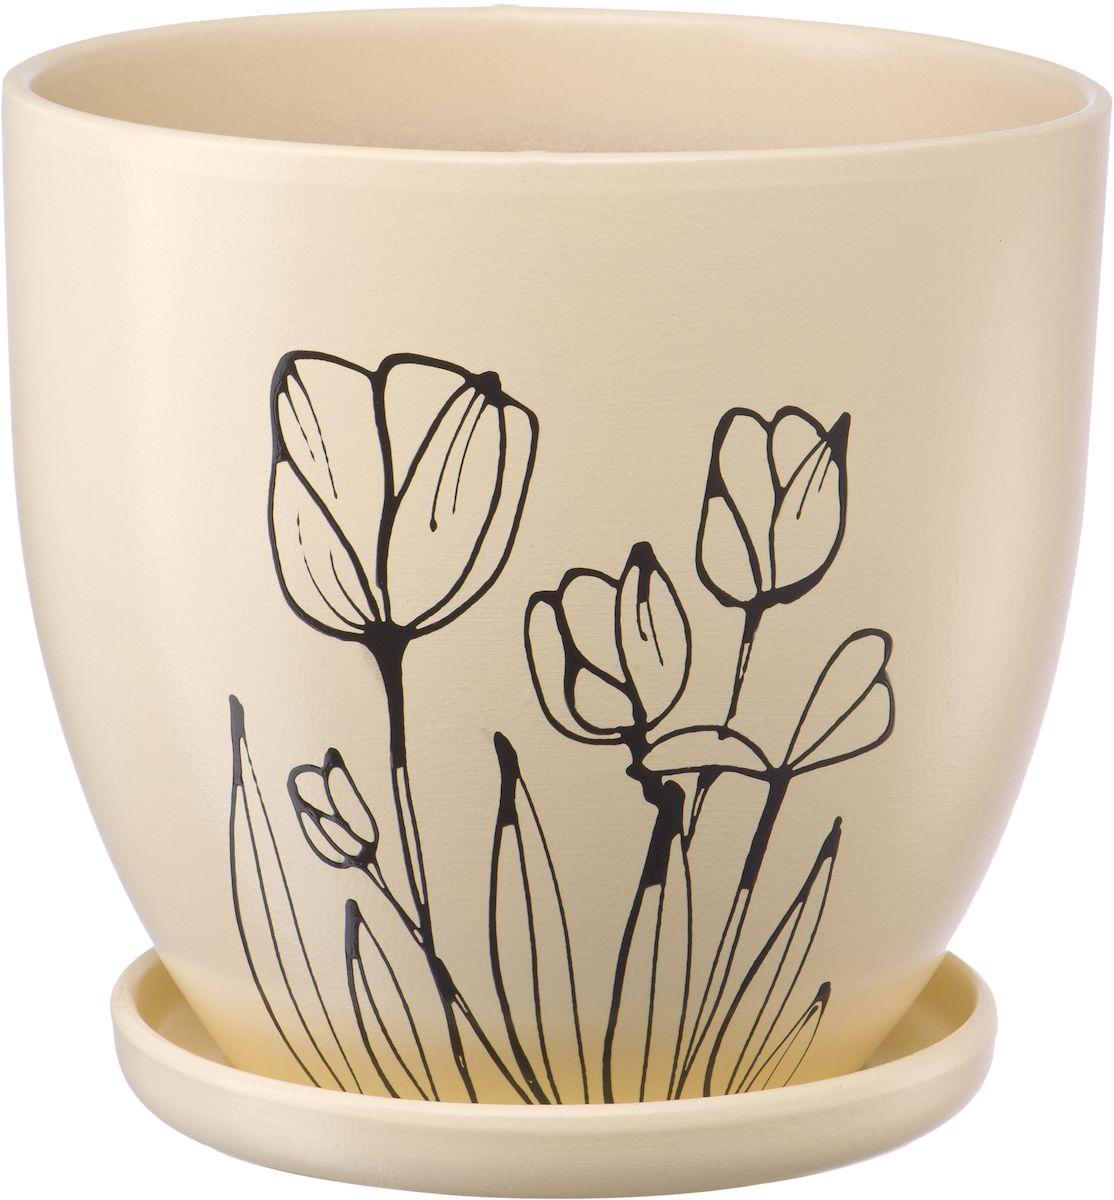 Горшок цветочный Engard, с поддоном, 4,7 л. BH-23-3BH-23-3Керамический горшок Engard - это идеальное решение для выращивания комнатных растений и создания изысканности в интерьере. Керамический горшок сделан из высококачественной глины в классической форме и оригинальном дизайне.Объем: 4,7 л.